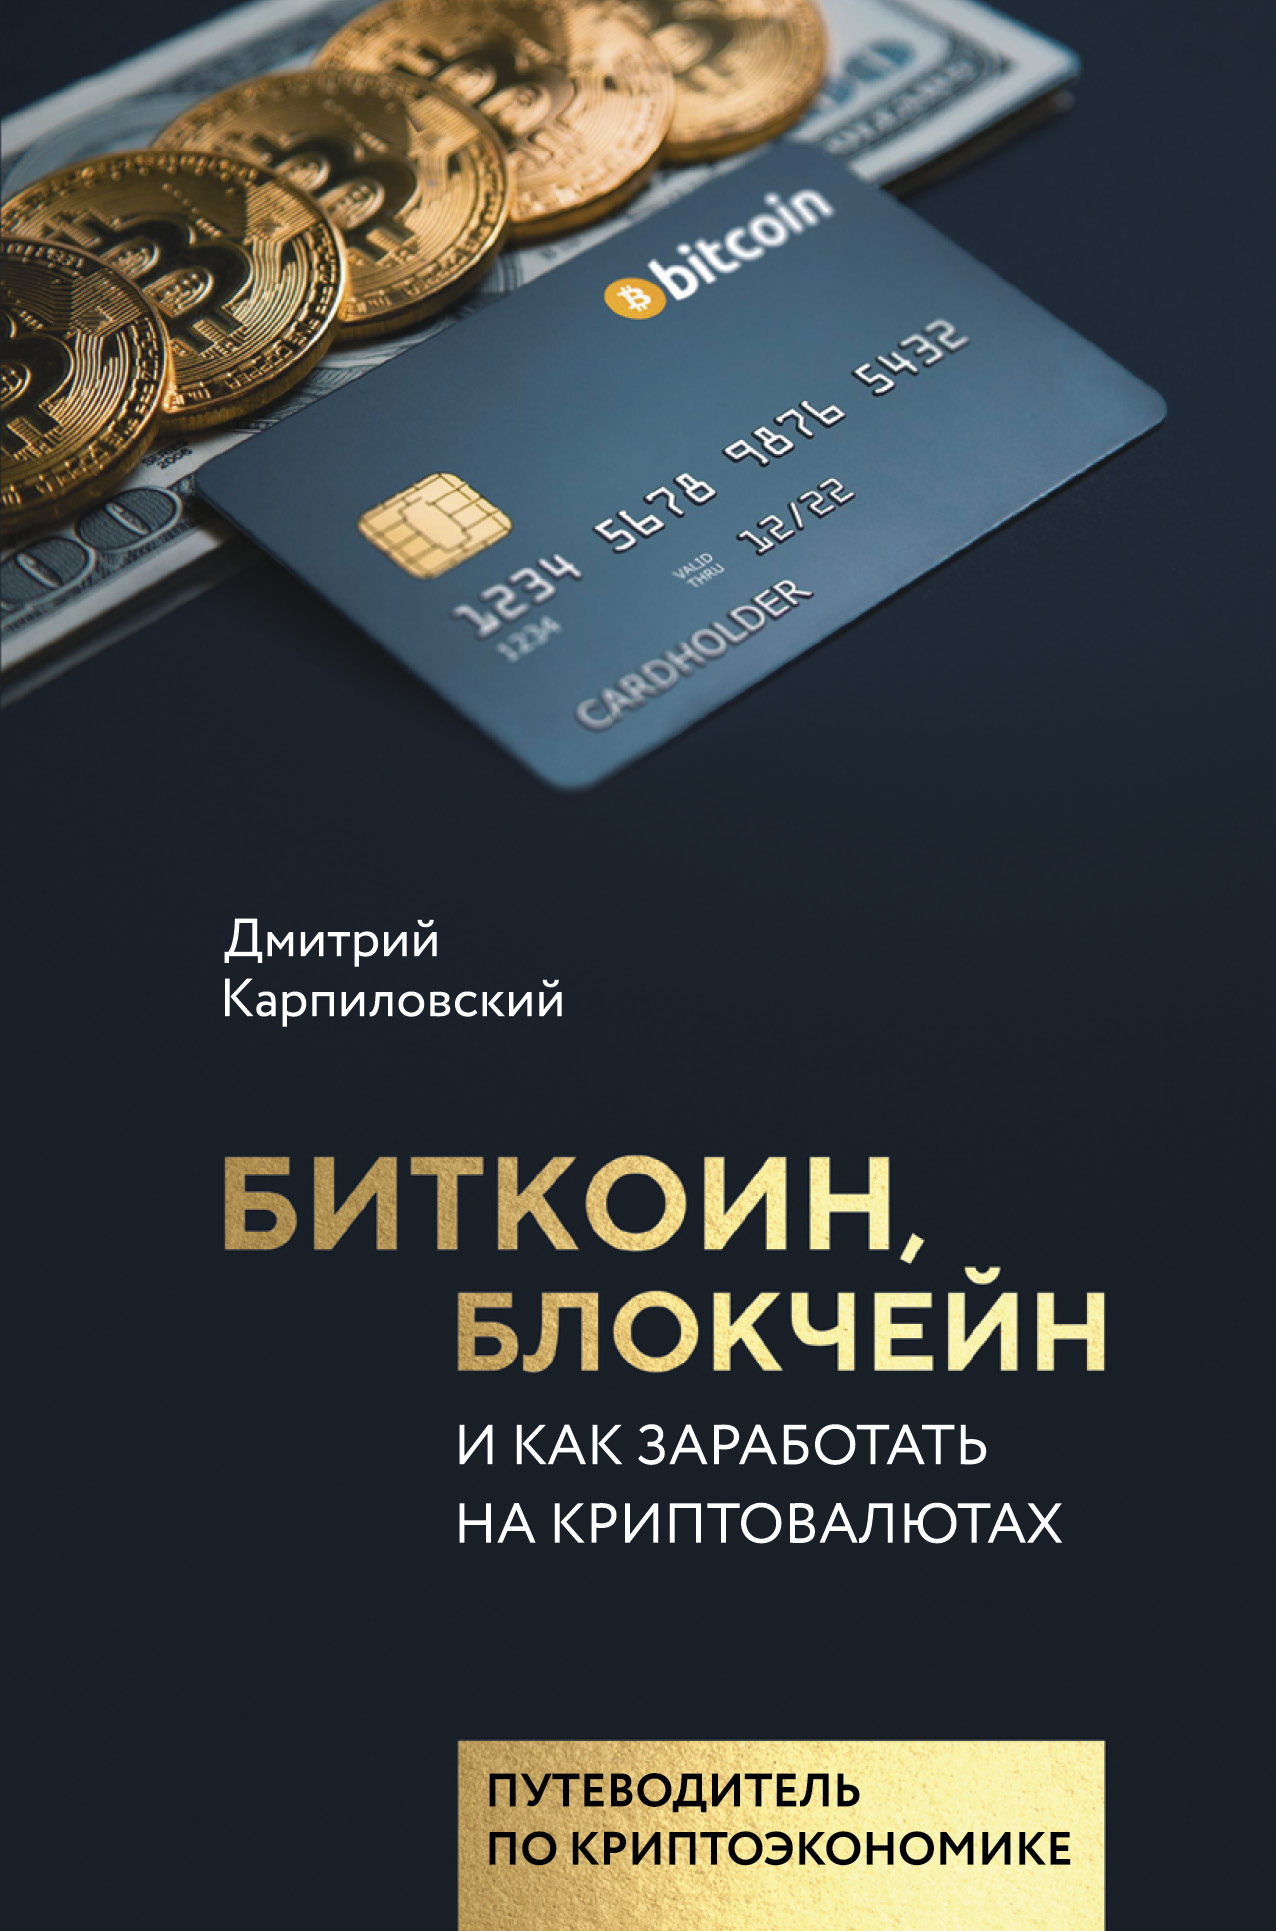 Биткоин, блокчейн и как заработать на криптовалютах ( Карпиловский Дмитрий Борисович  )